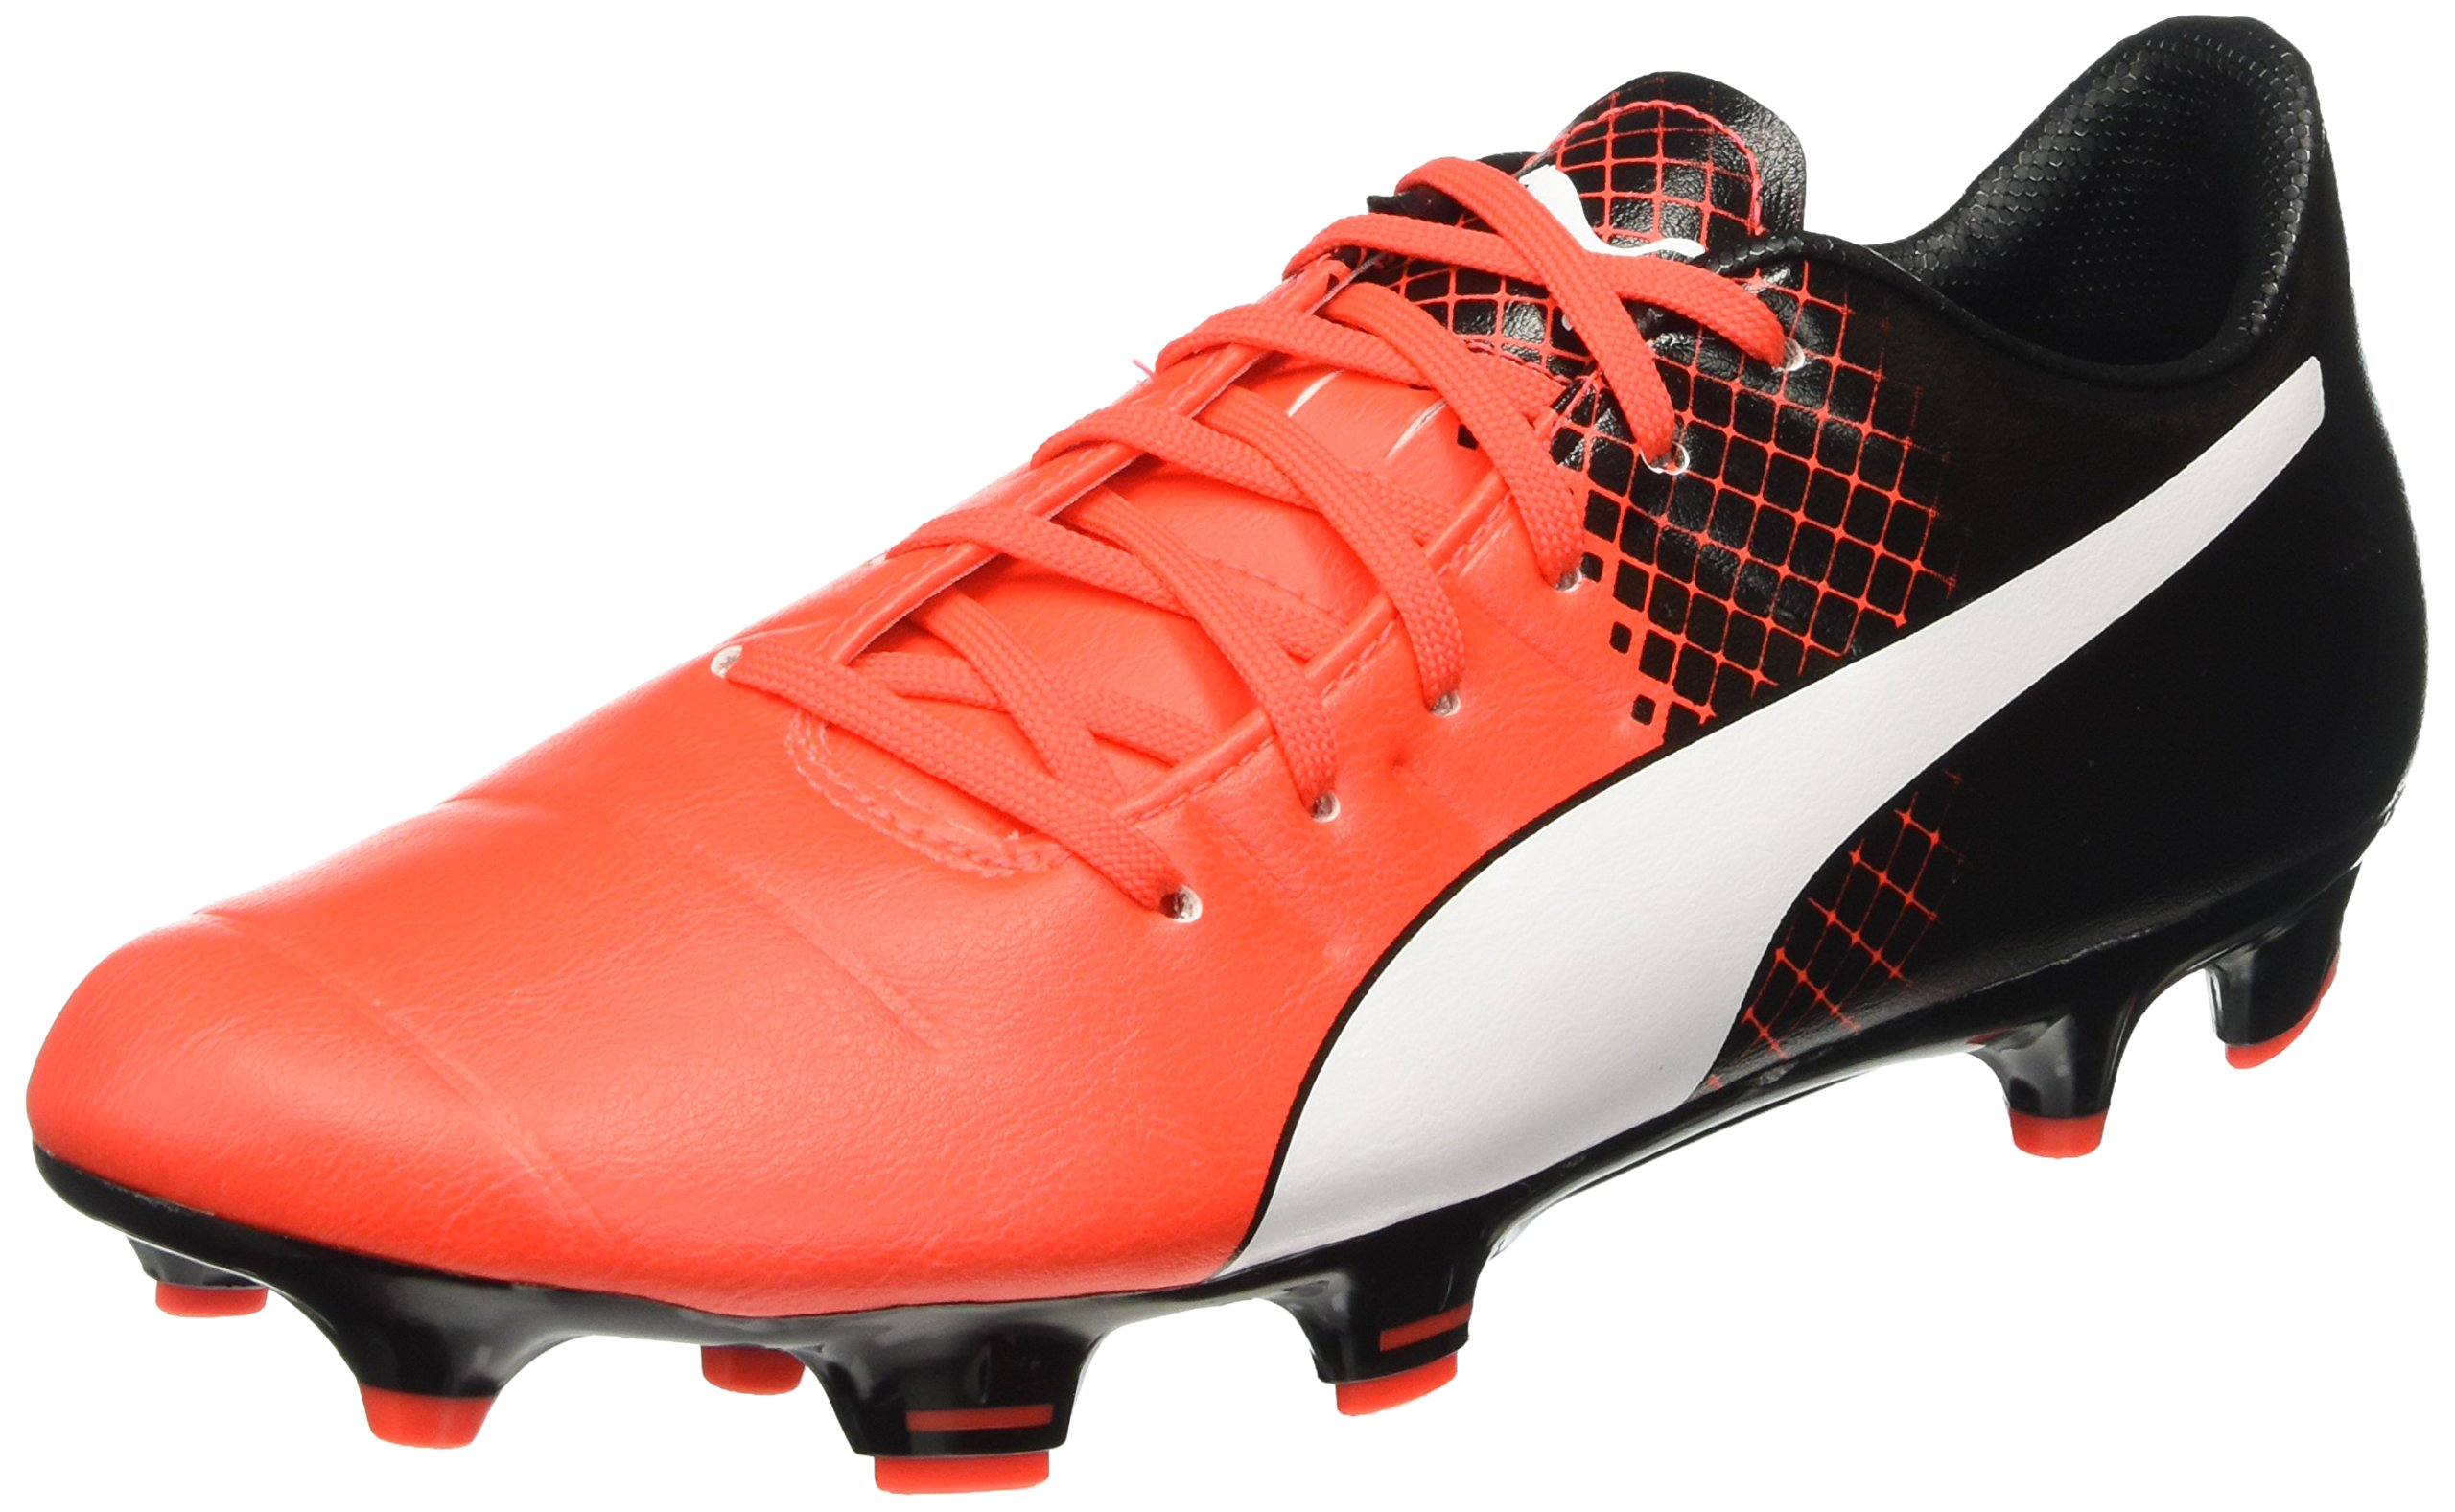 wht Rougered Puma FgChaussures blk43 3 3 De Homme Evopower Eu9 Tricks Football Uk ARL3jcq54